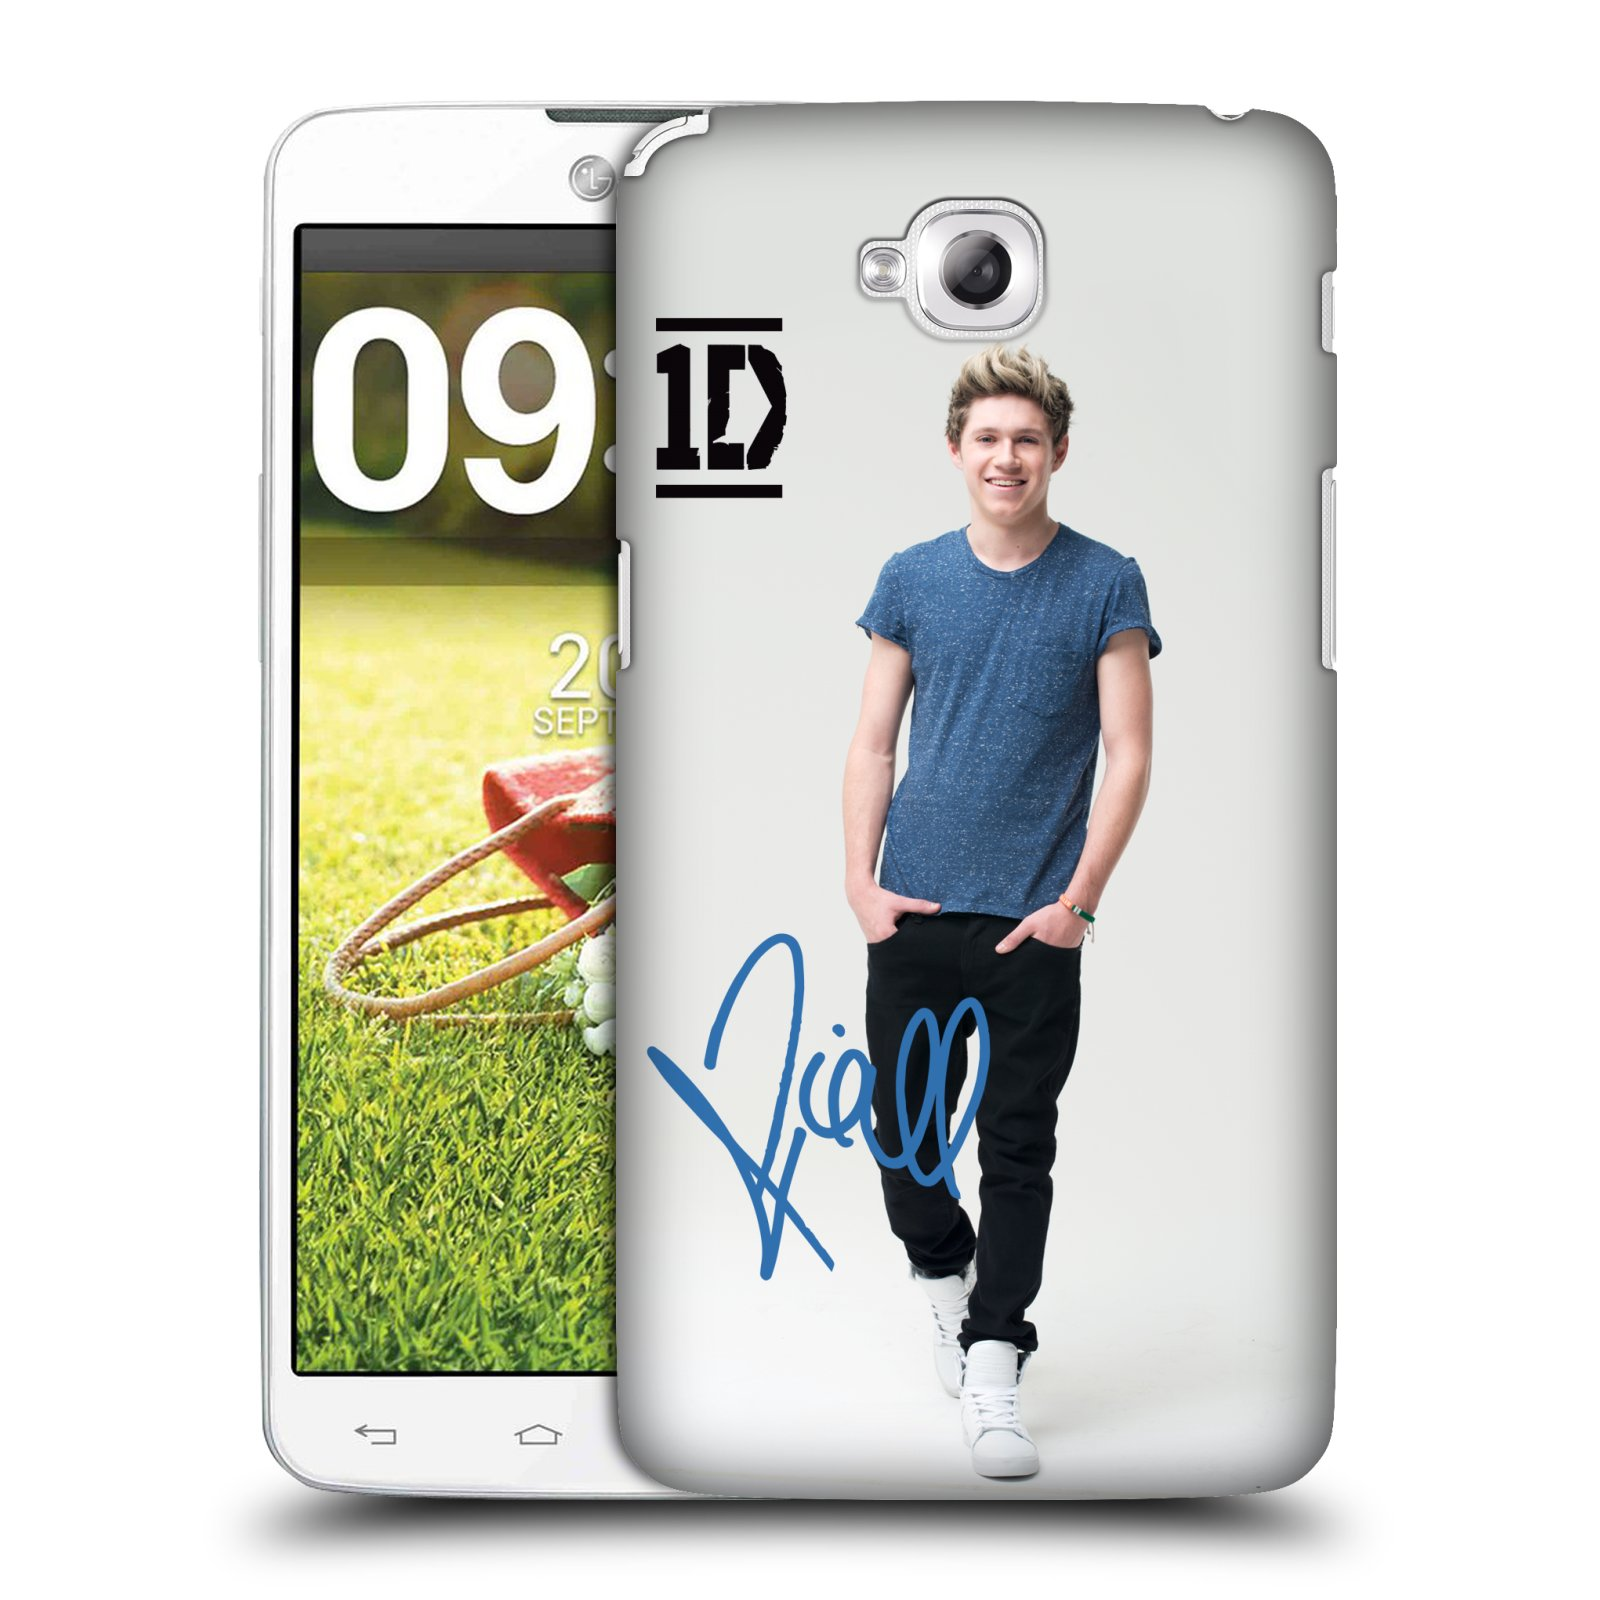 Case Design the vamps phone cases : ... Phones u0026 Accessories u0026gt; Cell Phone Accessories u0026gt; Cases, Covers u0026 Skins